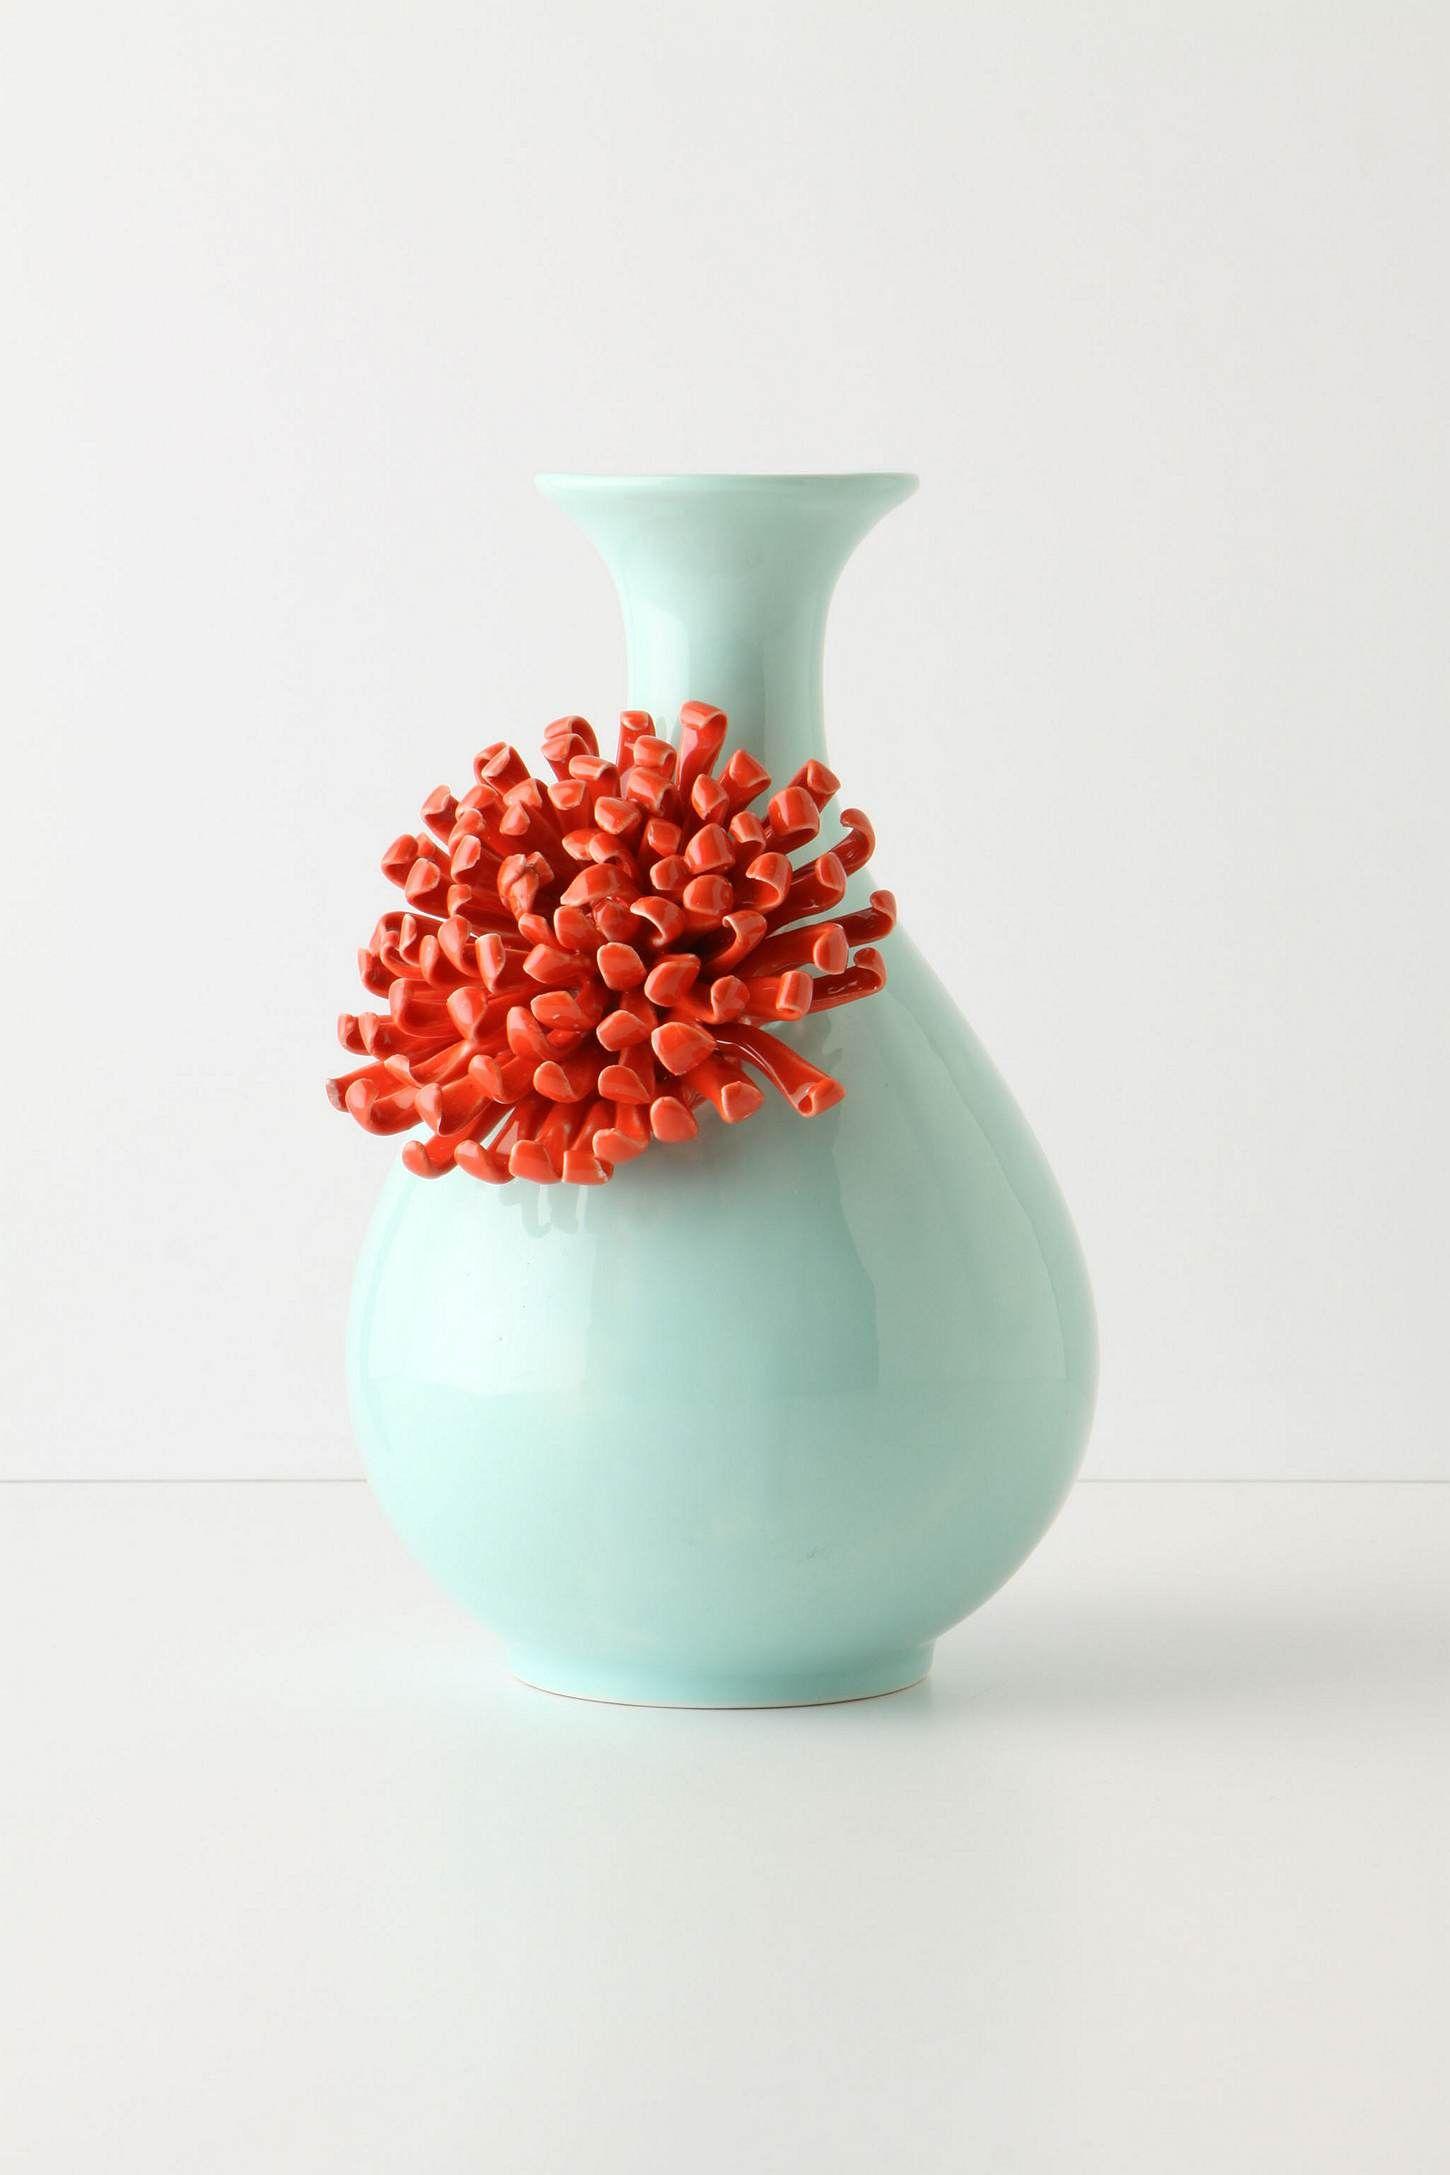 Jarrón verde agua y coral | Casa / Home | Pinterest | Cerámica, Lo ...